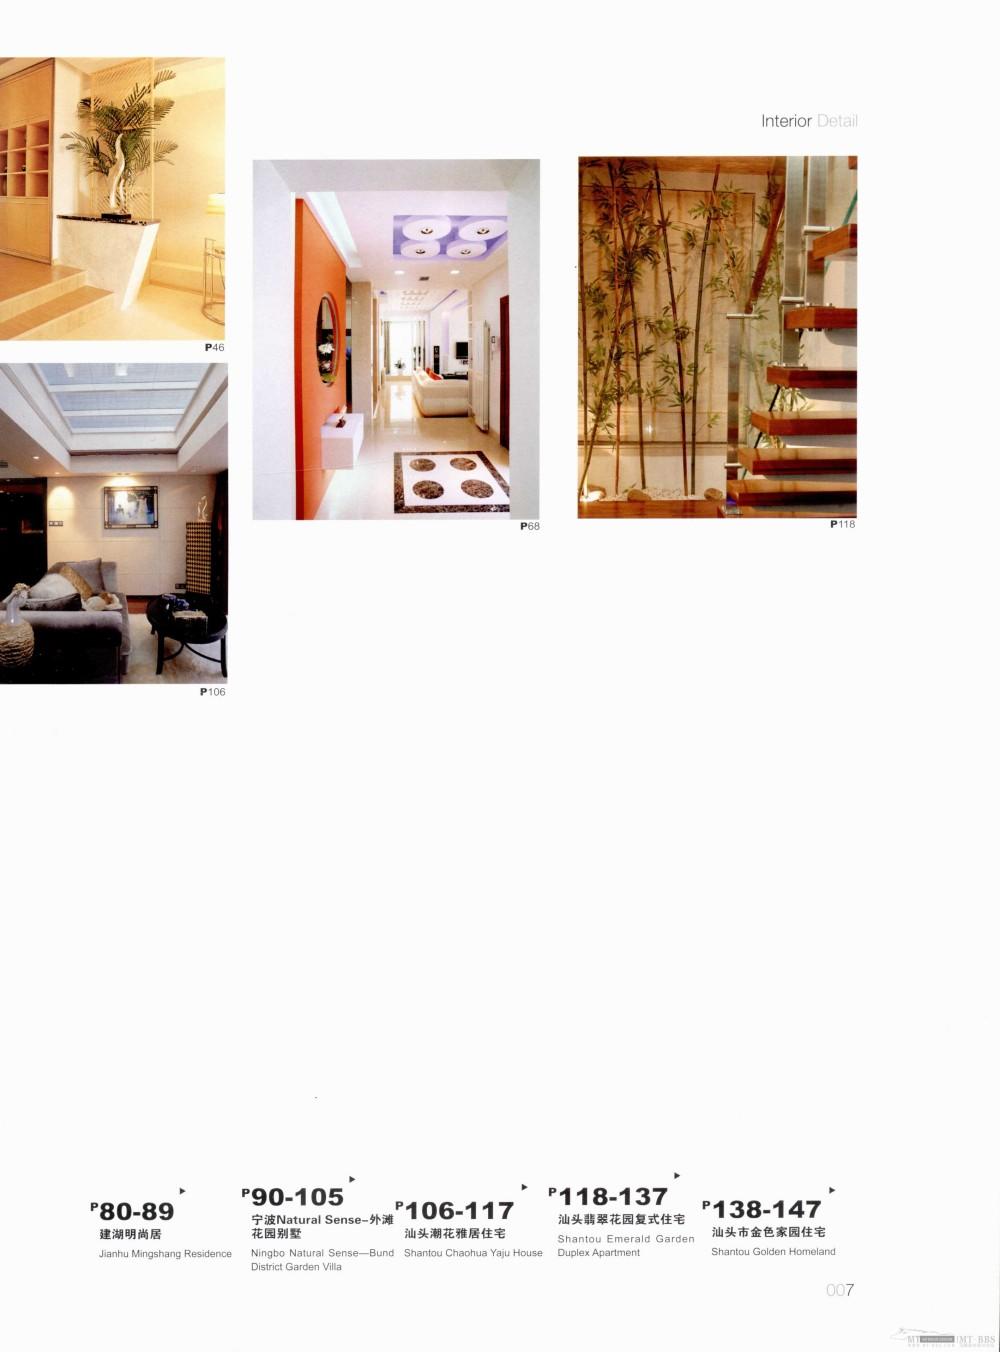 17本家装图册,已传完。_4 细部-个性家居_页面_003.jpg